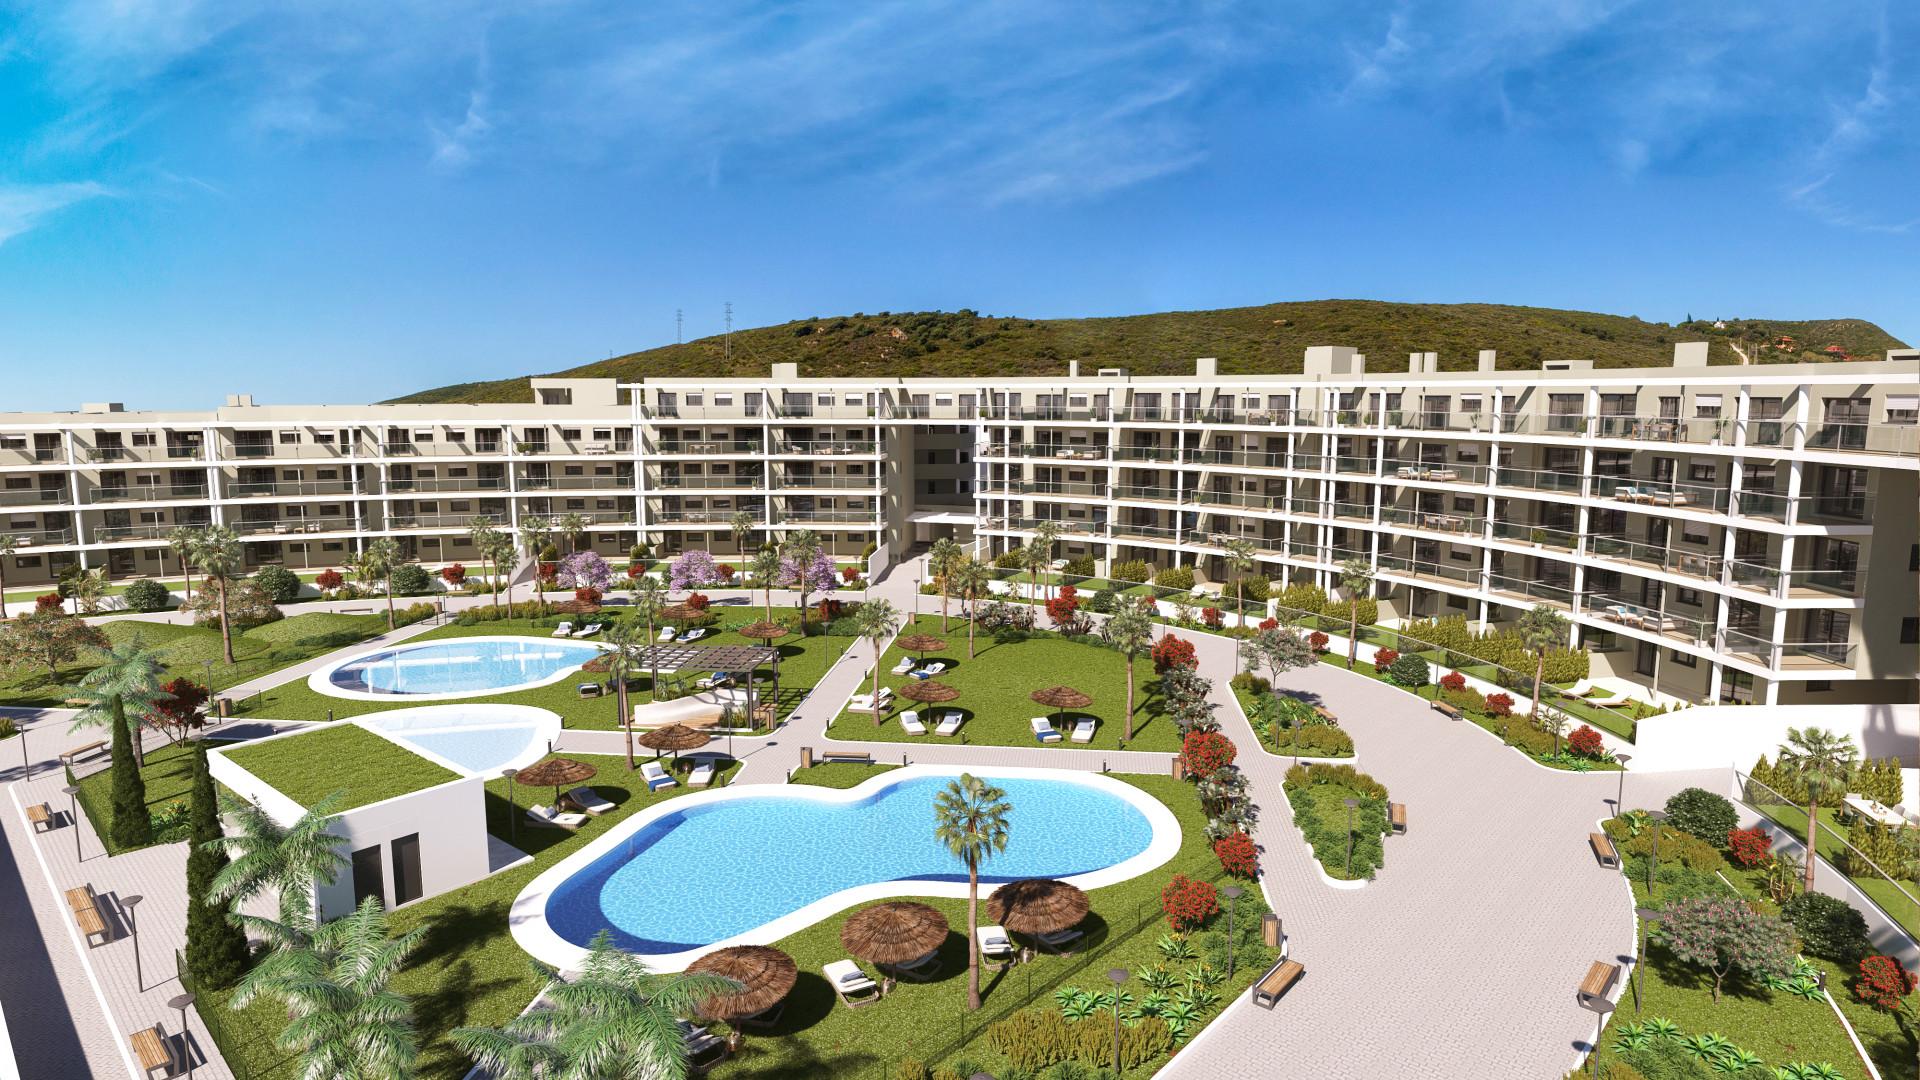 Gloednieuw tweedelijns strand complex aan zeer gunstige prijzen in Manilva